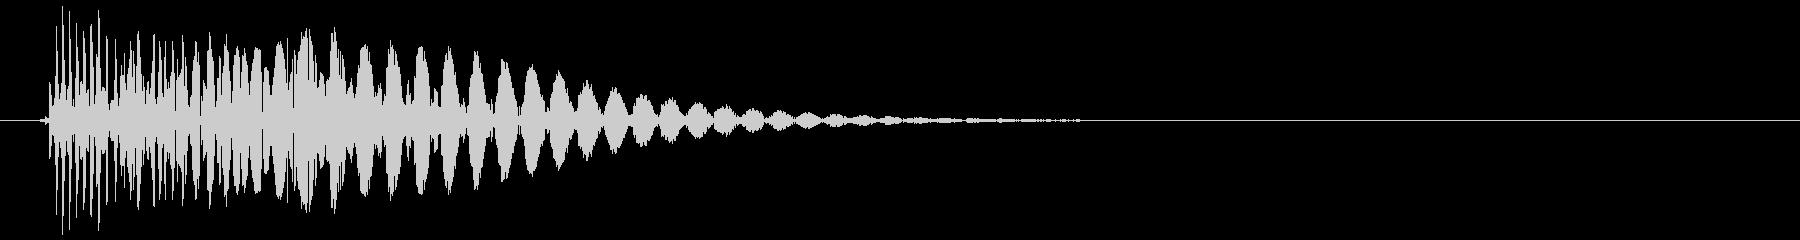 ドシュン 攻撃や刺さるような音の未再生の波形